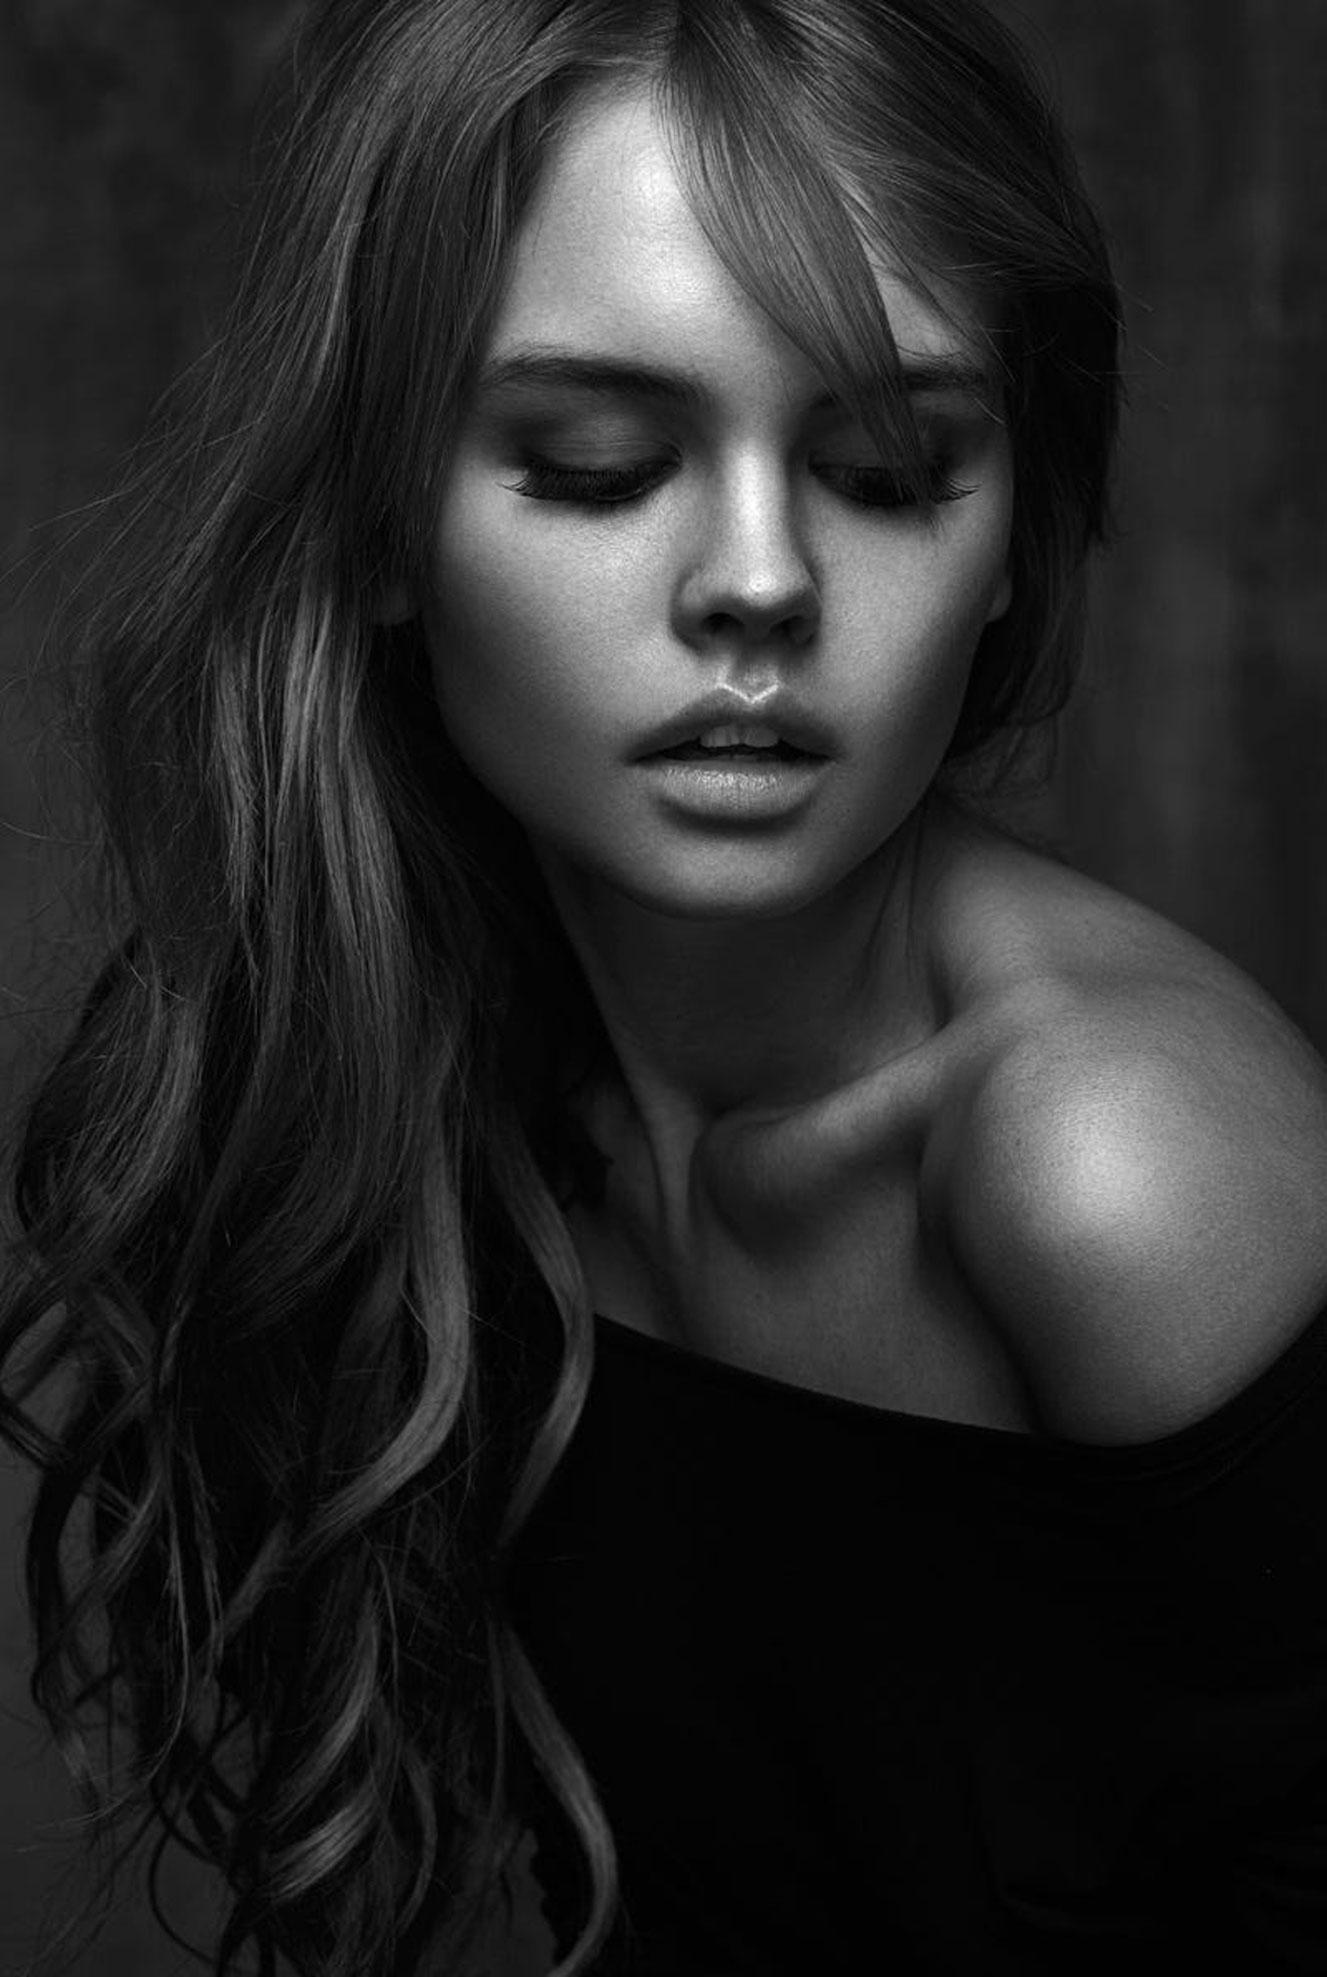 портрет Анастасии Щегловой / Anastasiya Scheglova by Babak Fatholahi